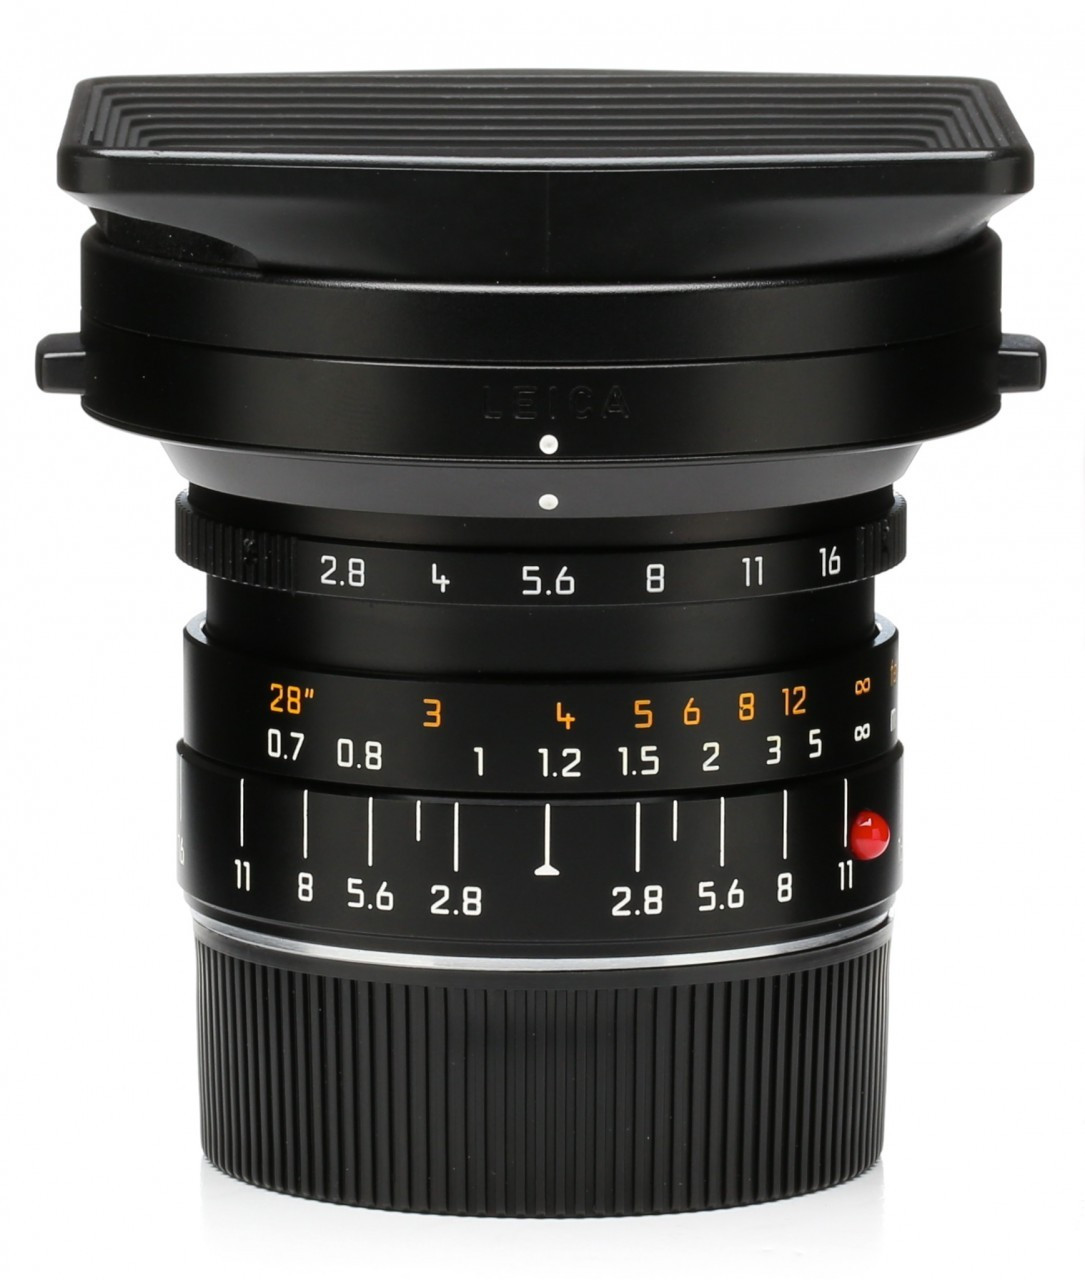 Pre-Owned Leica Elmarit-M 21MM F/2 8 ASPH (Black) w/Hood  Made In Germany  6bit